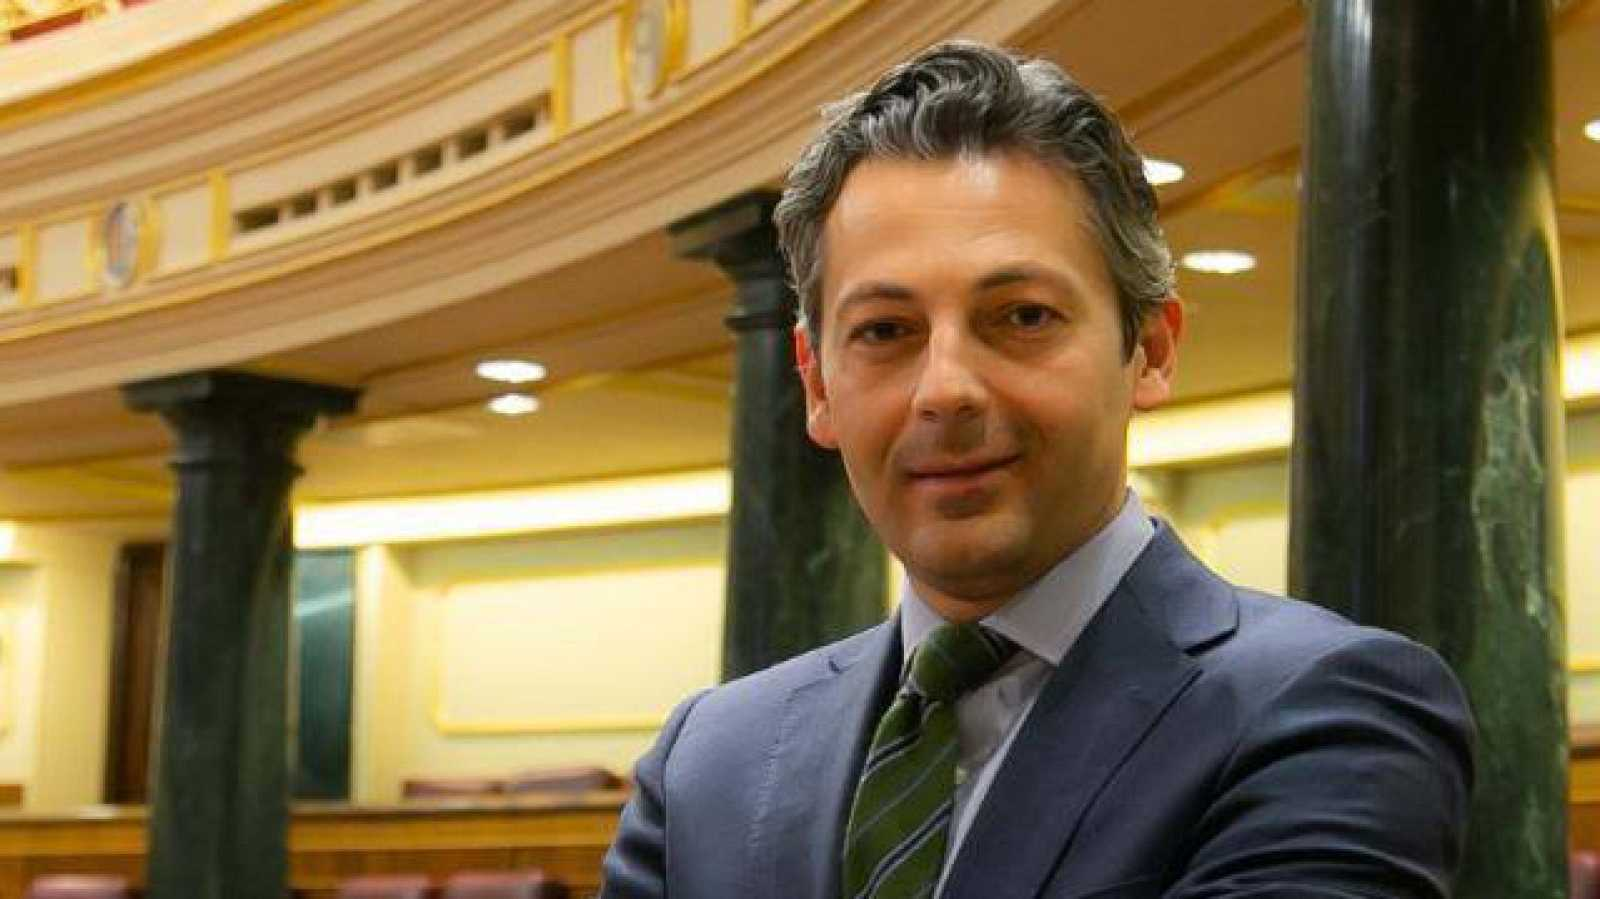 Gitanos - Andrés Núñez, una nueva voz gitana en el Congreso de los Diputados - 10/02/19 - Escuchar ahora